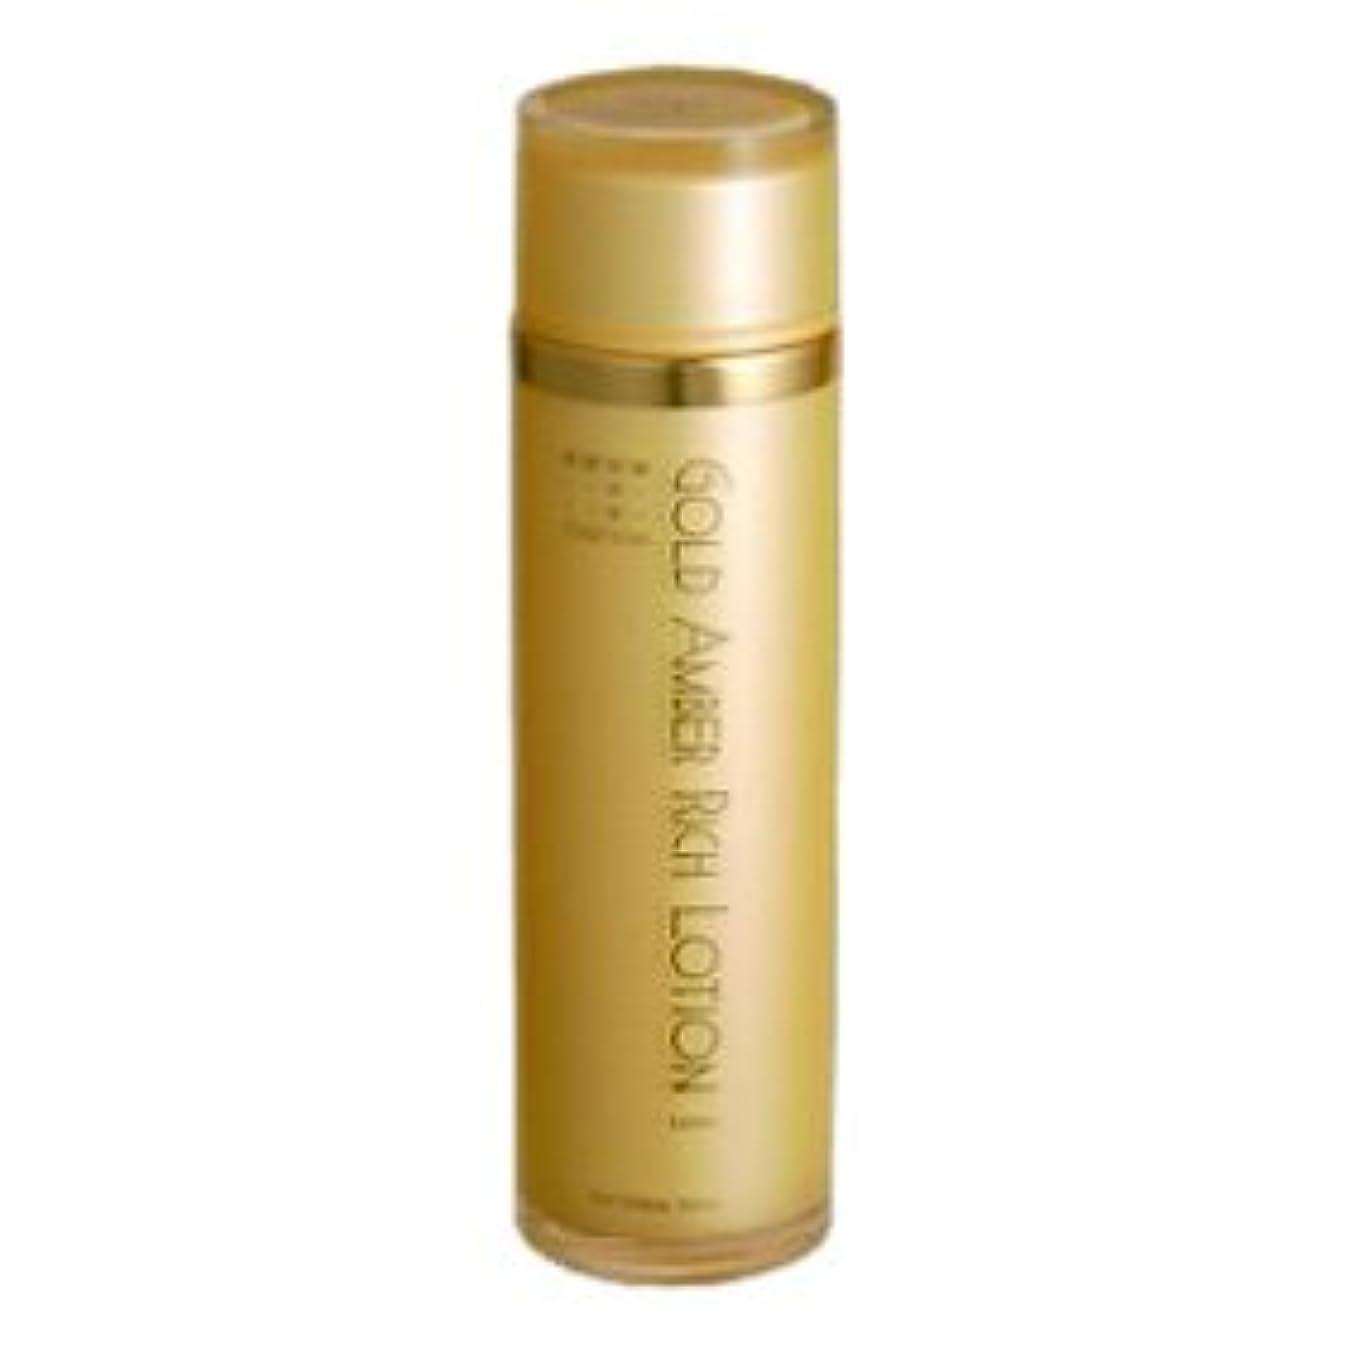 削る議会買い手コスメプラウド ゴールドアンバーリッチローション120ml(化粧水)